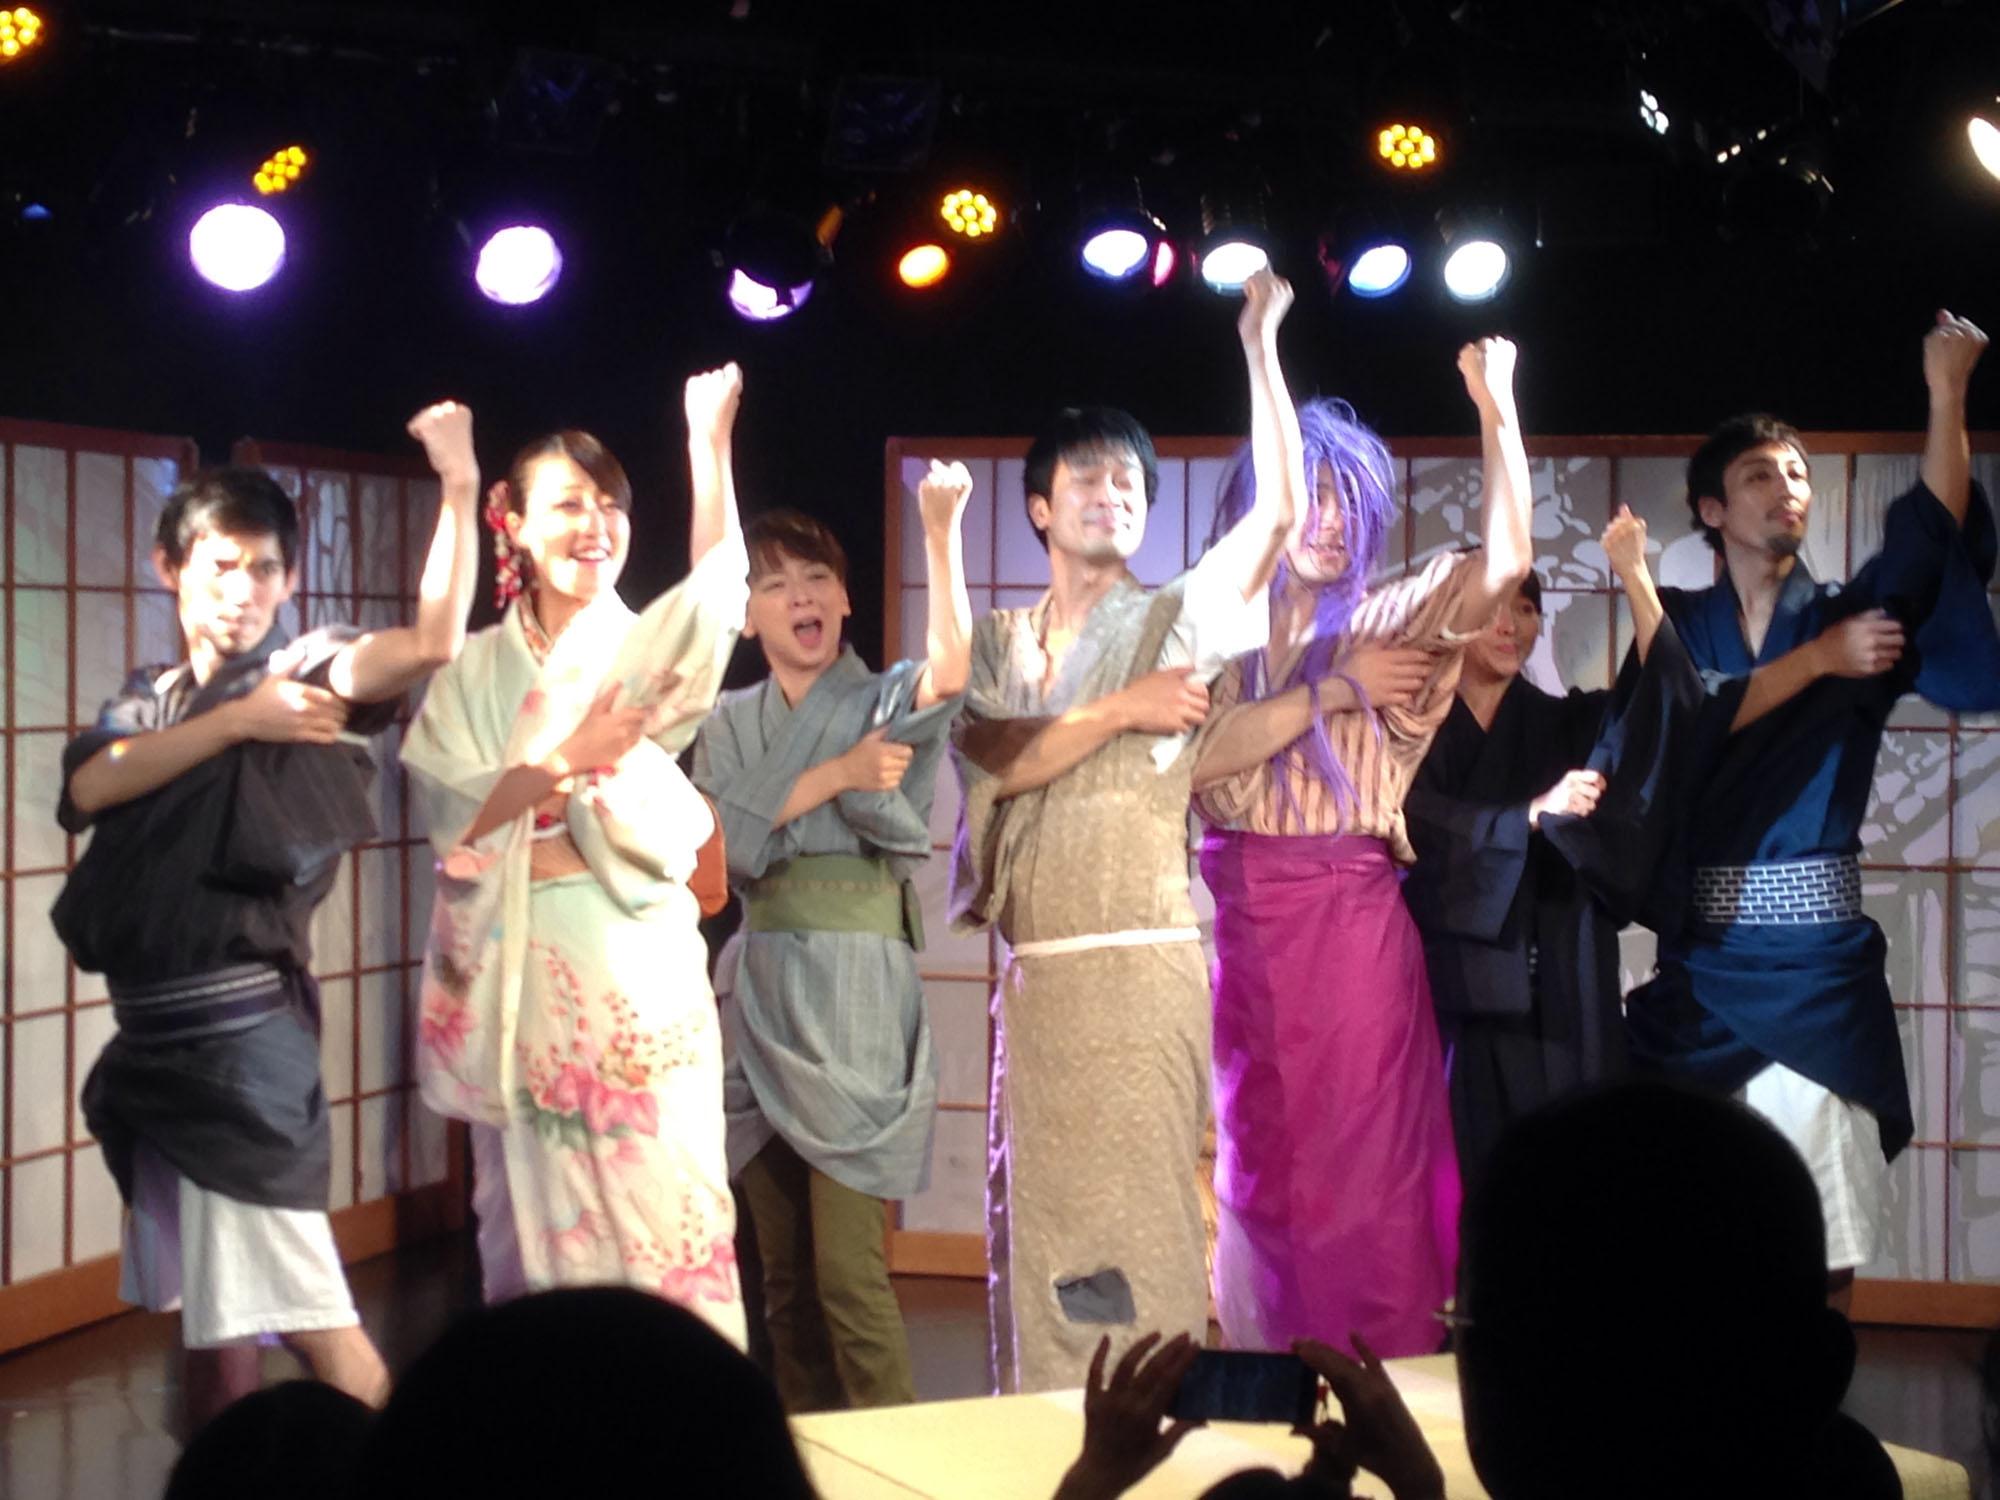 『文七元結 the musical !!』 舞台本番 エンディング by 望月龍平シアターカンパニー